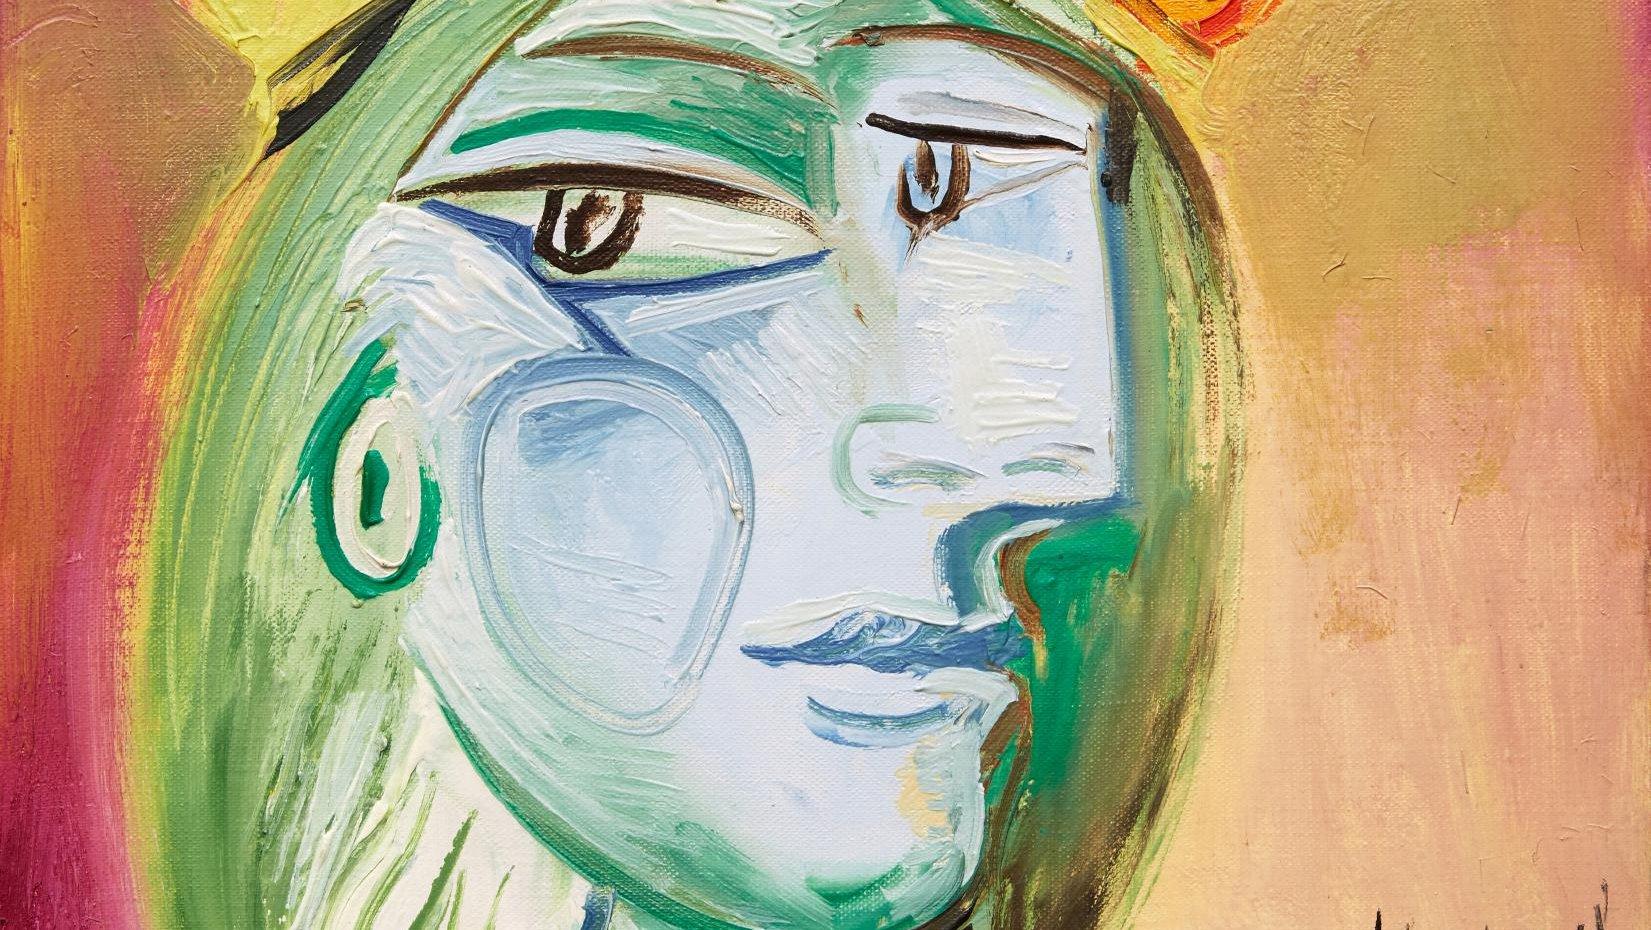 """Obra de Pablo Picasso """"Femme au béret rouge-orange"""". SOTHEBY'S, 2021"""